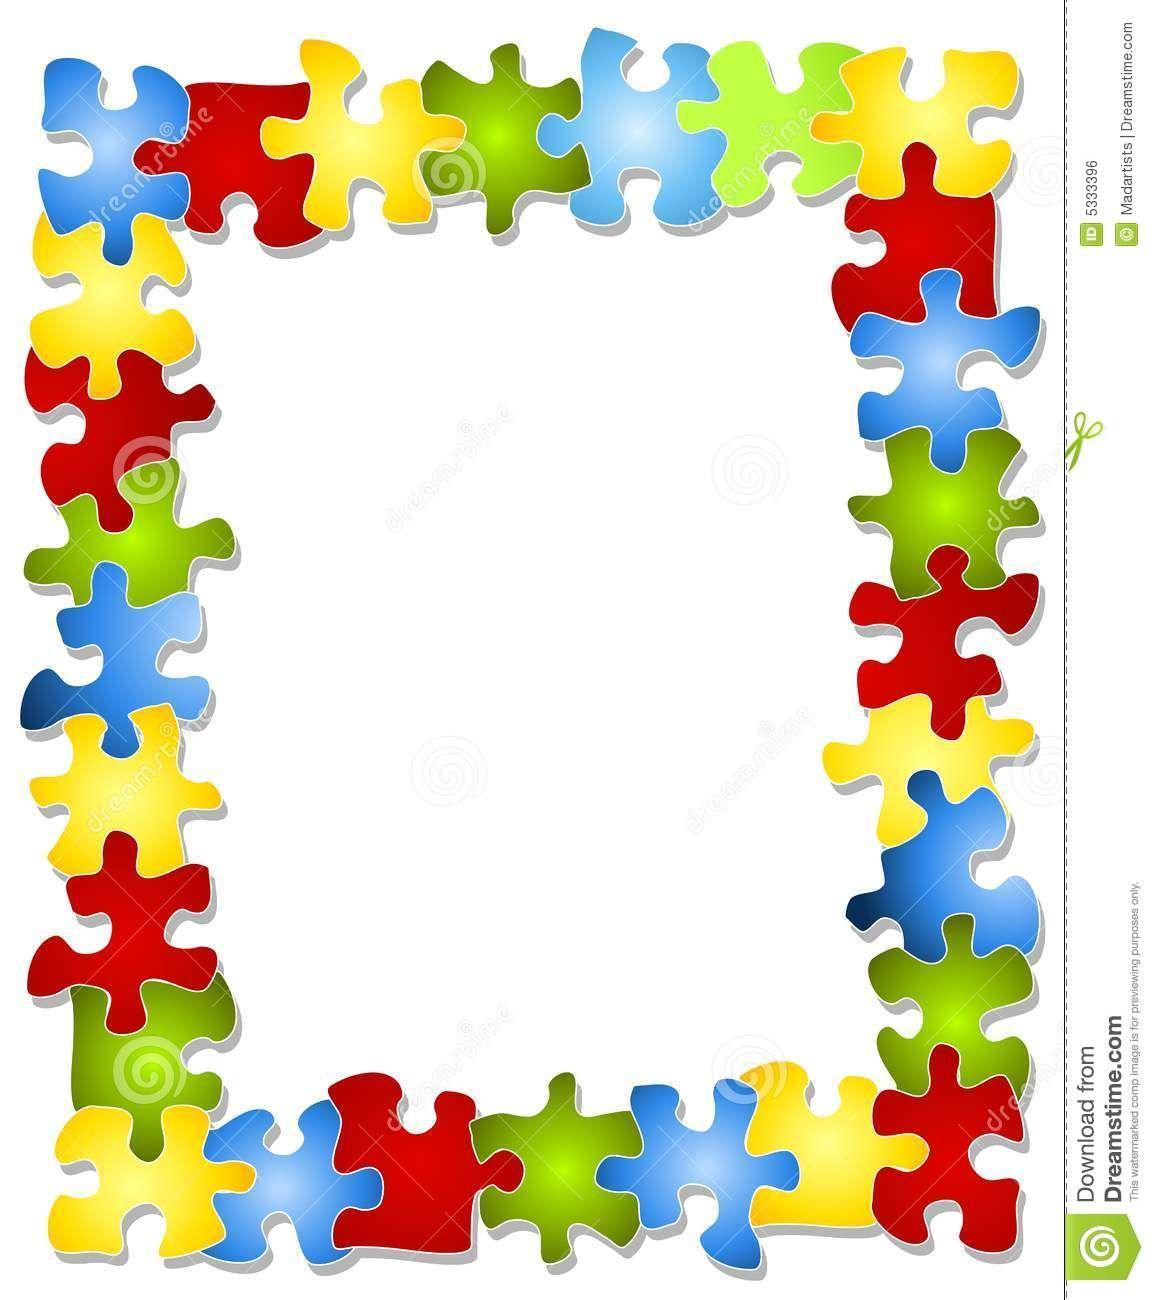 Autism clipart colourful border. Colorful puzzle pieces frame